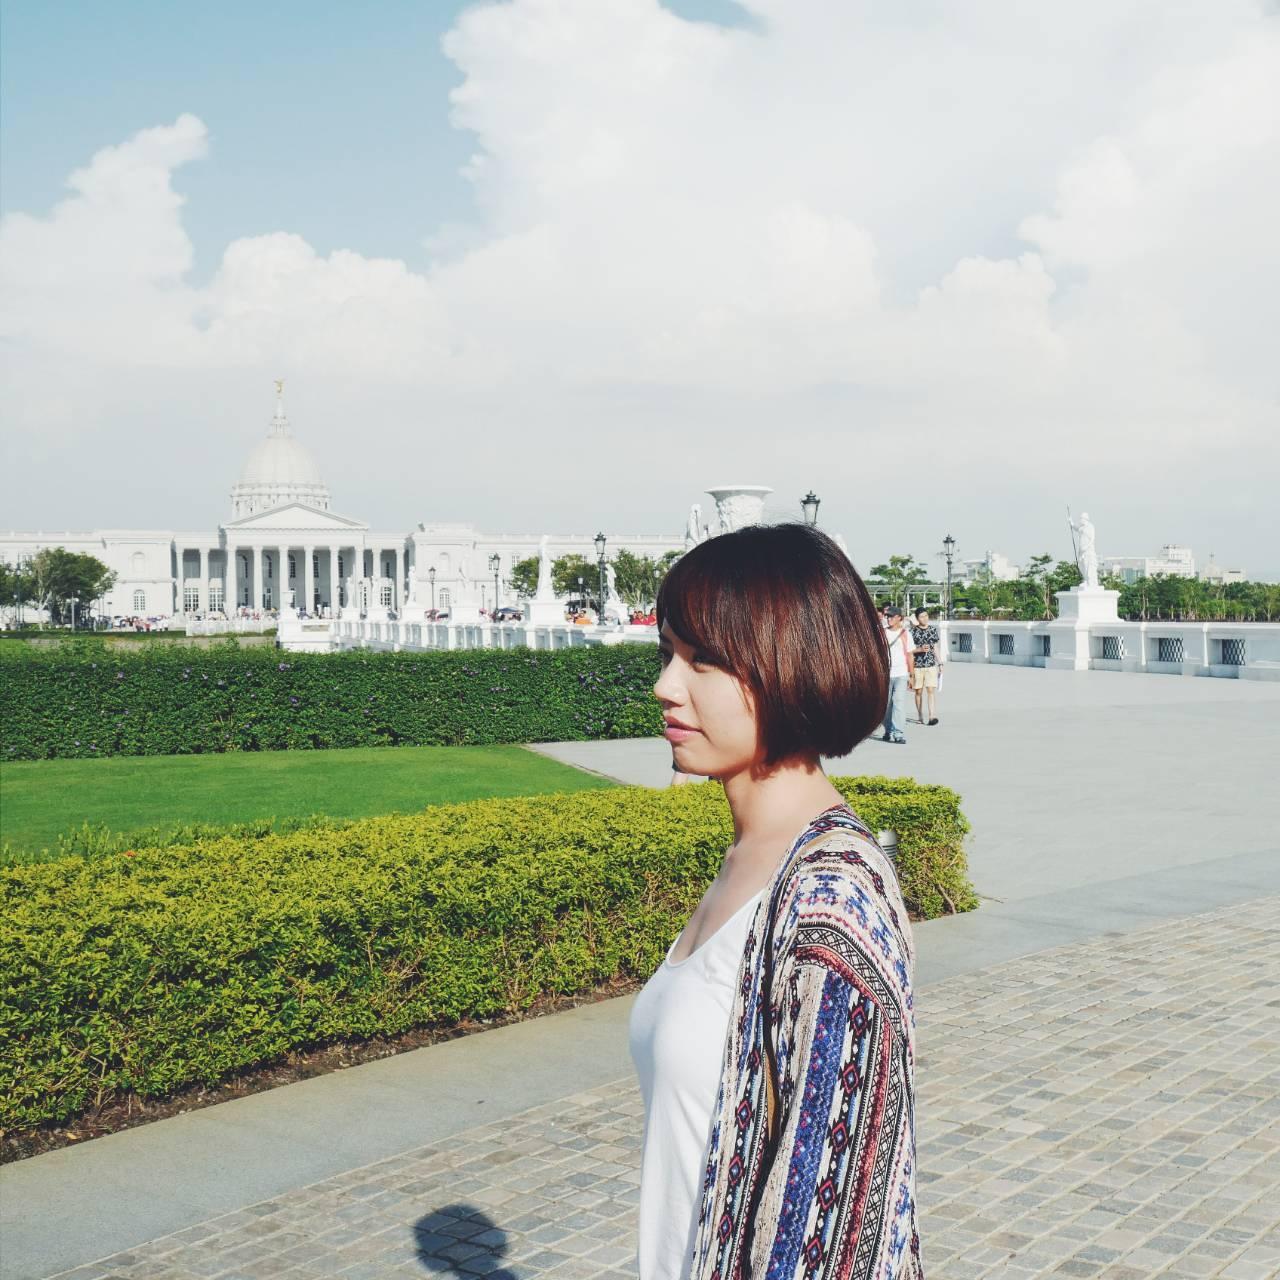 Judy Wei